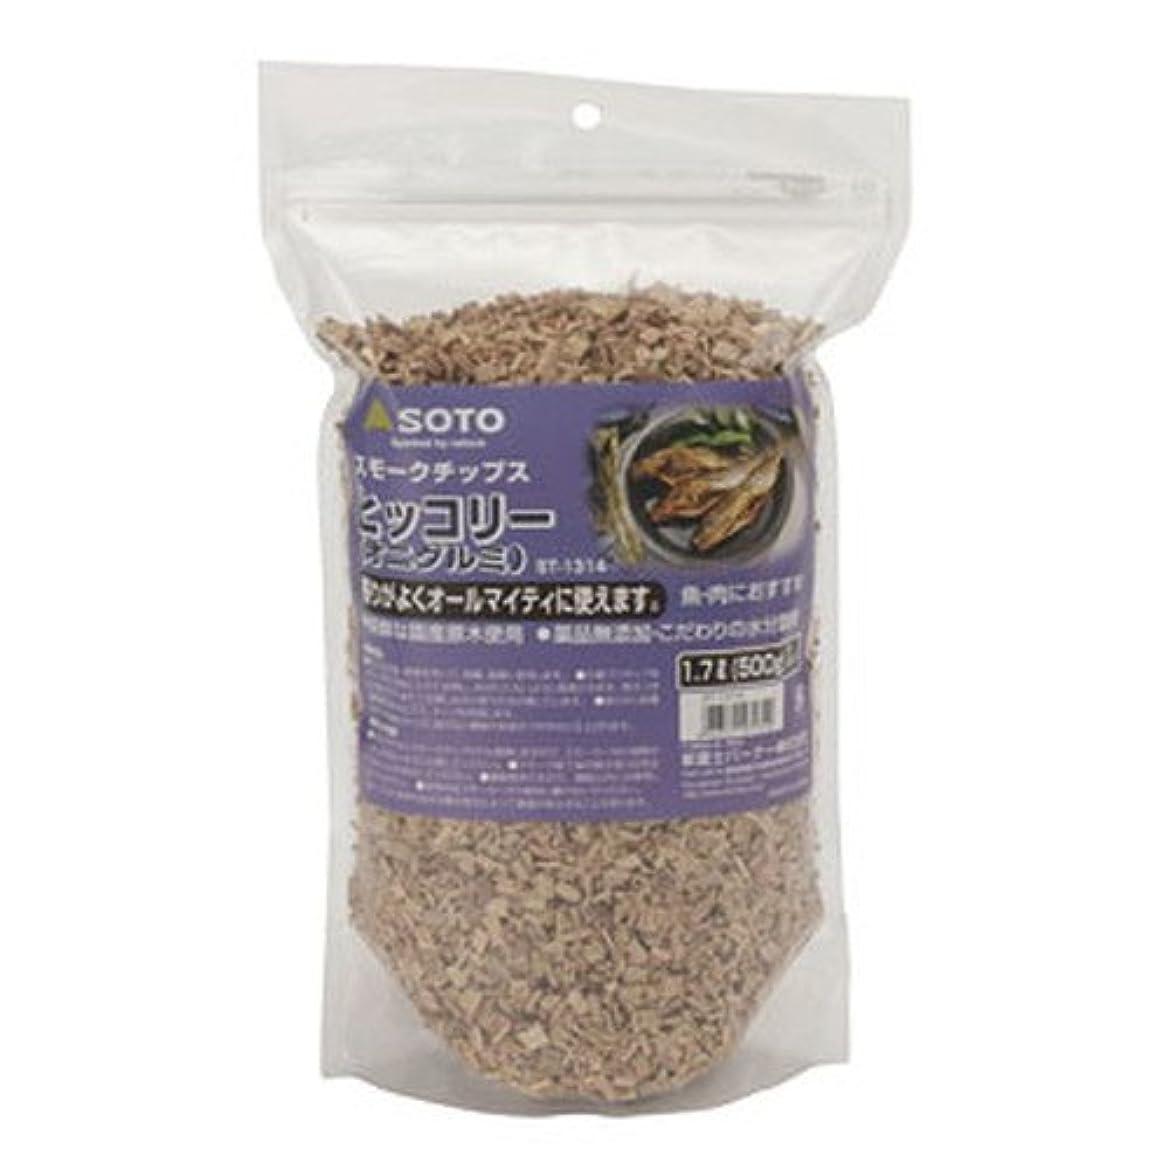 ジュース素晴らしさ送金SOTO ST-1314 スモークチップス燻製の素 新鮮ヒッコリー(オニグルミ) [ 内容量500g ] 【 調理小物 】 【 飲食店 厨房 キッチン 業務用 】